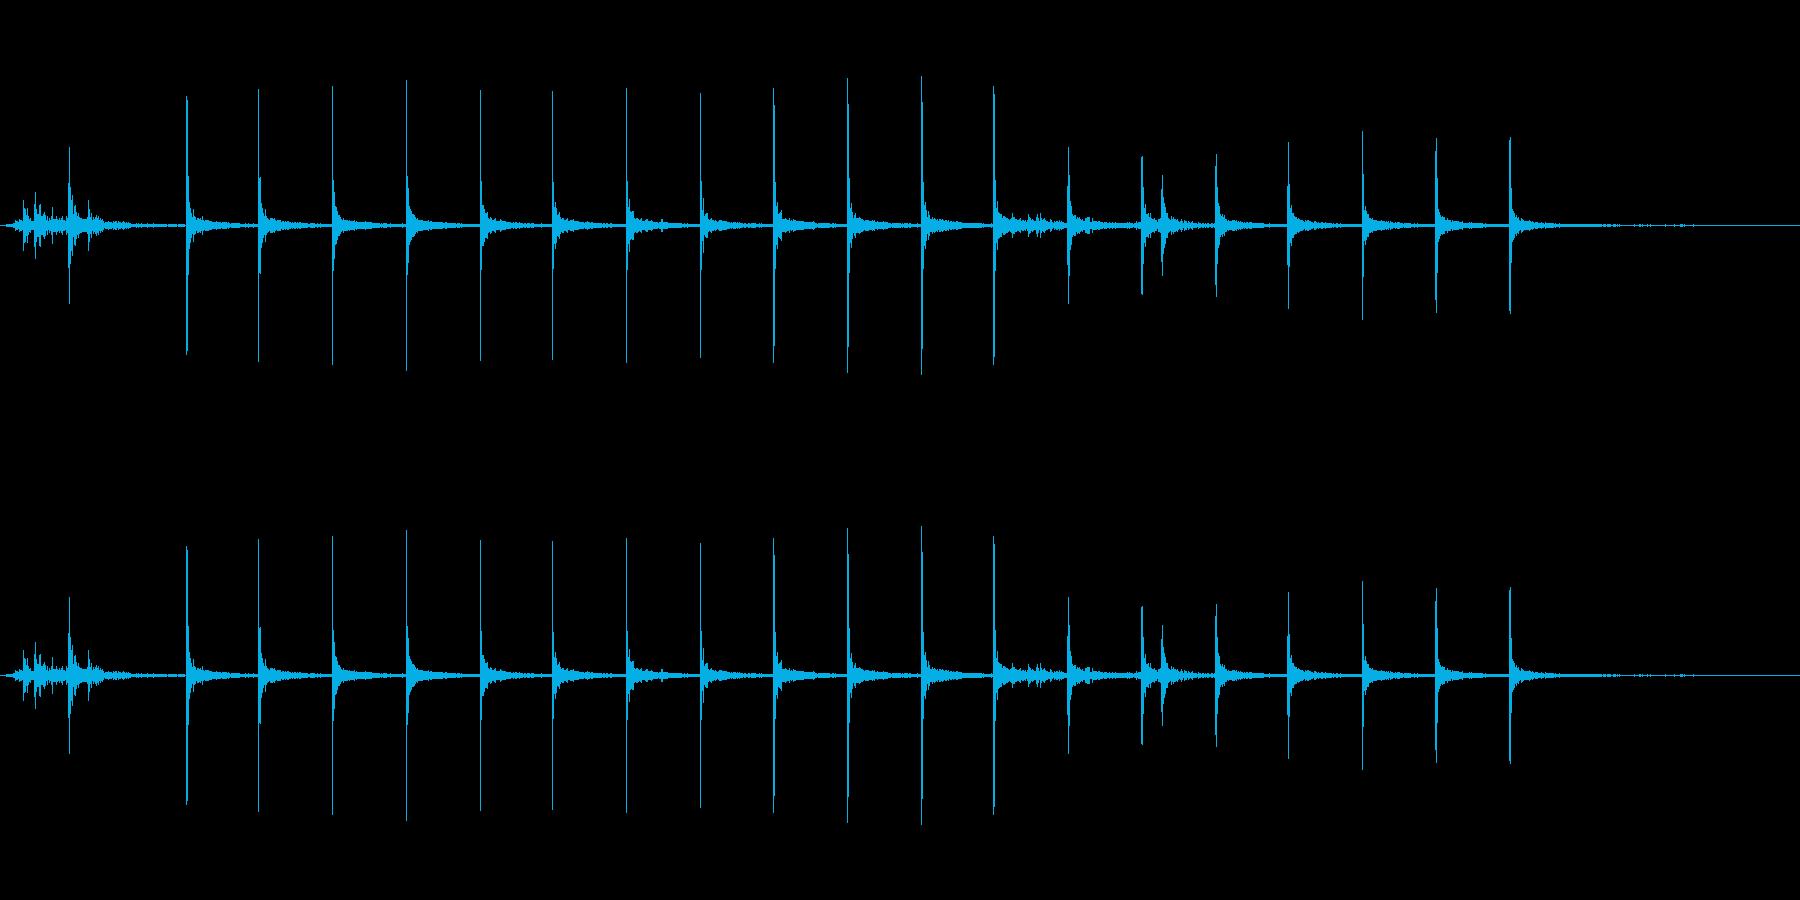 ガスコンロに火をつける音の再生済みの波形